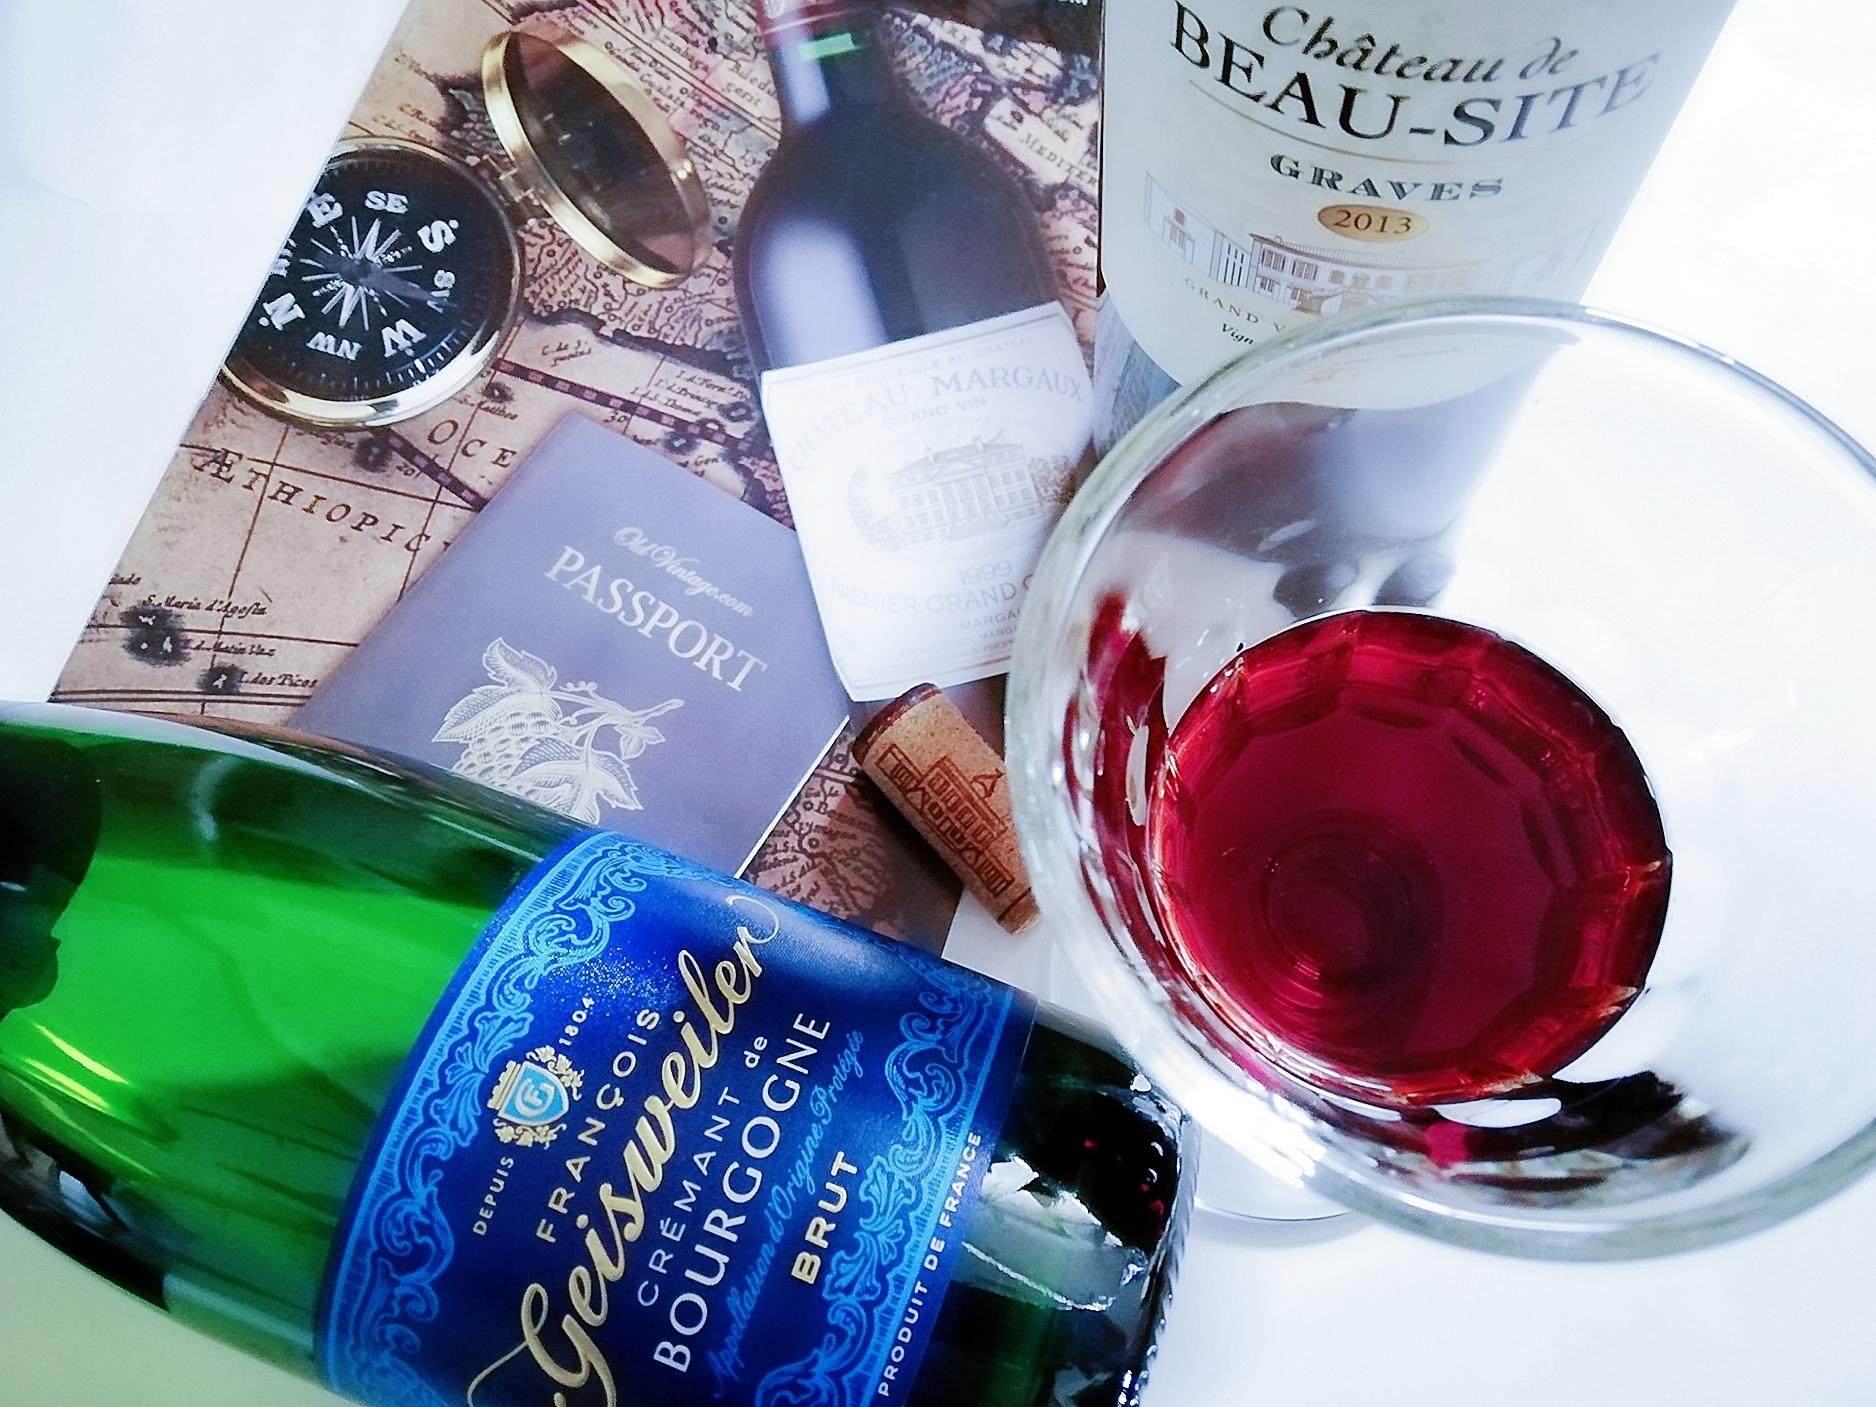 専属ソムリエが毎月2本のワインをセレクト!!【ミシュラン星付きセレクション】は家飲み時間を格上げしてくれるワインの定期便です